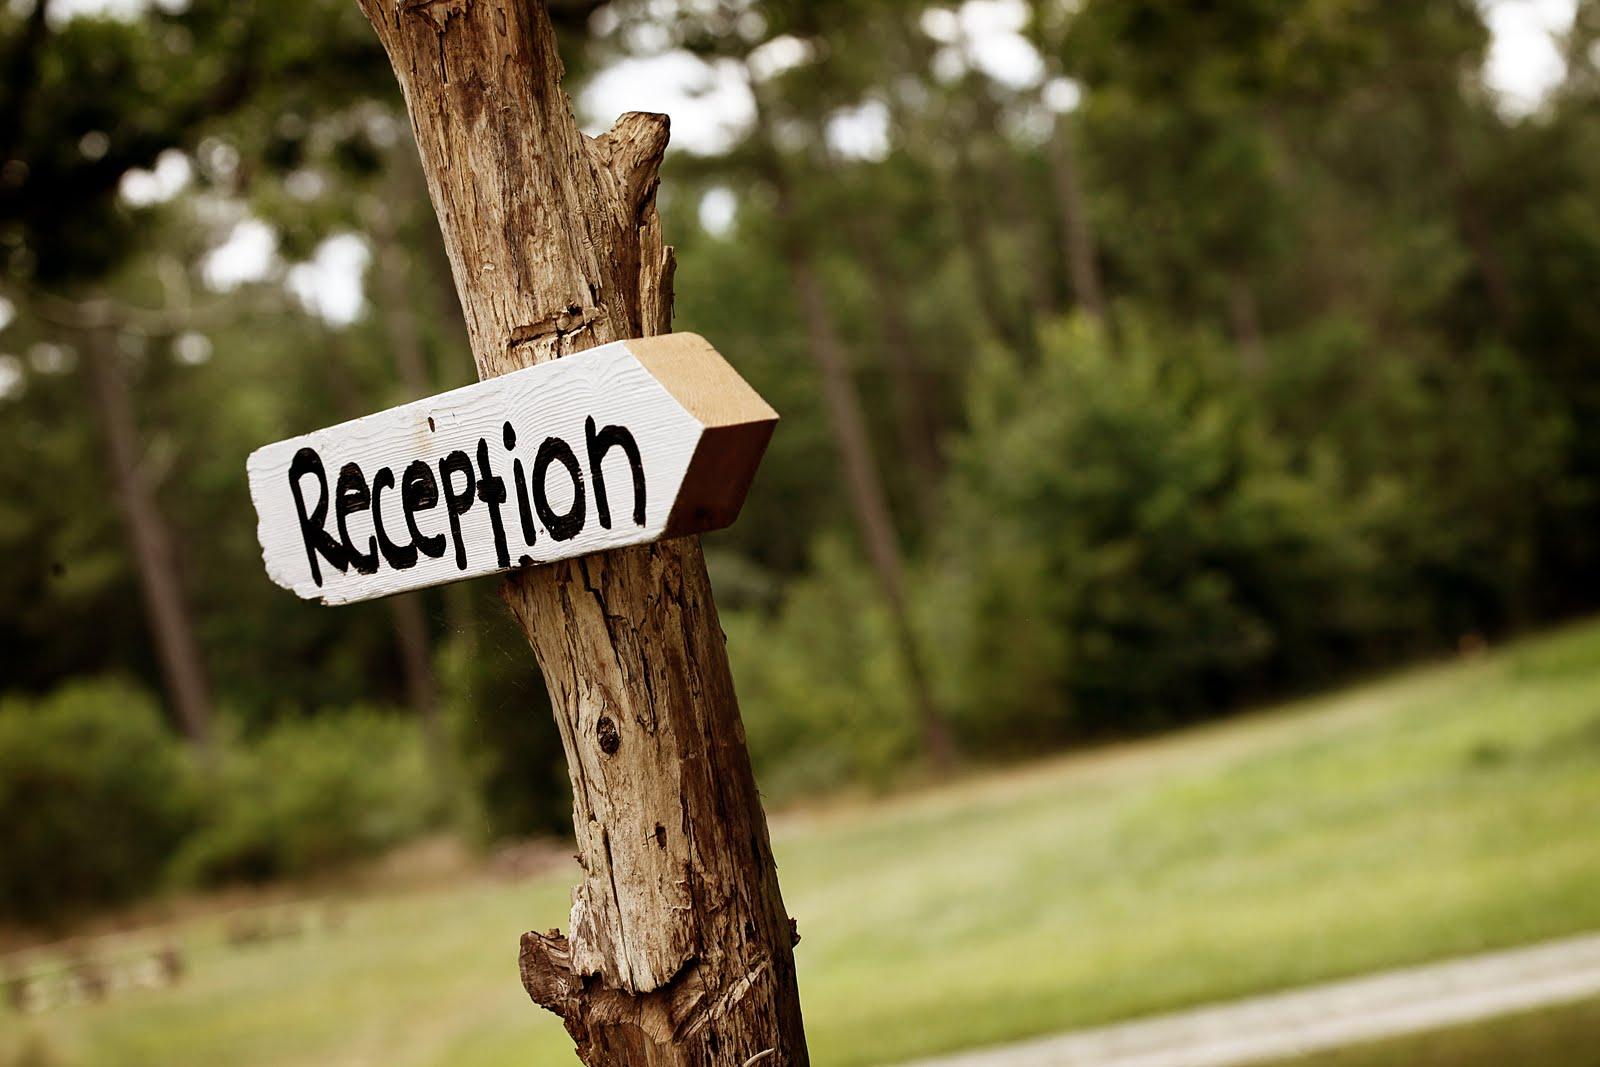 reception2bsign1.jpg